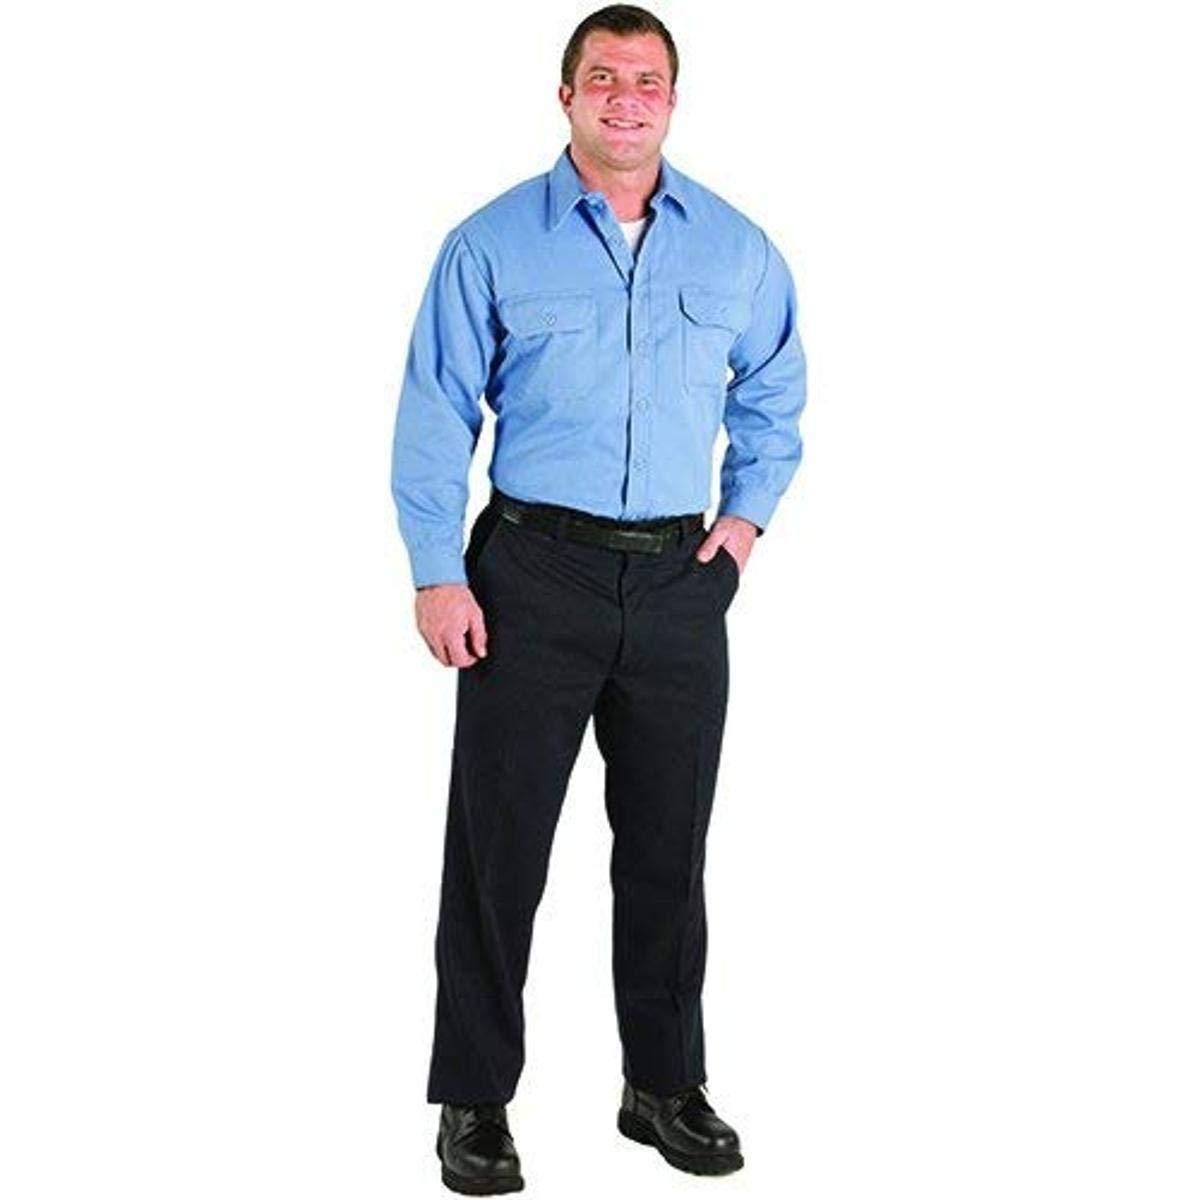 TOPPS SAFETY PA70-5705-40 PA70-5705 Nomex Size 40